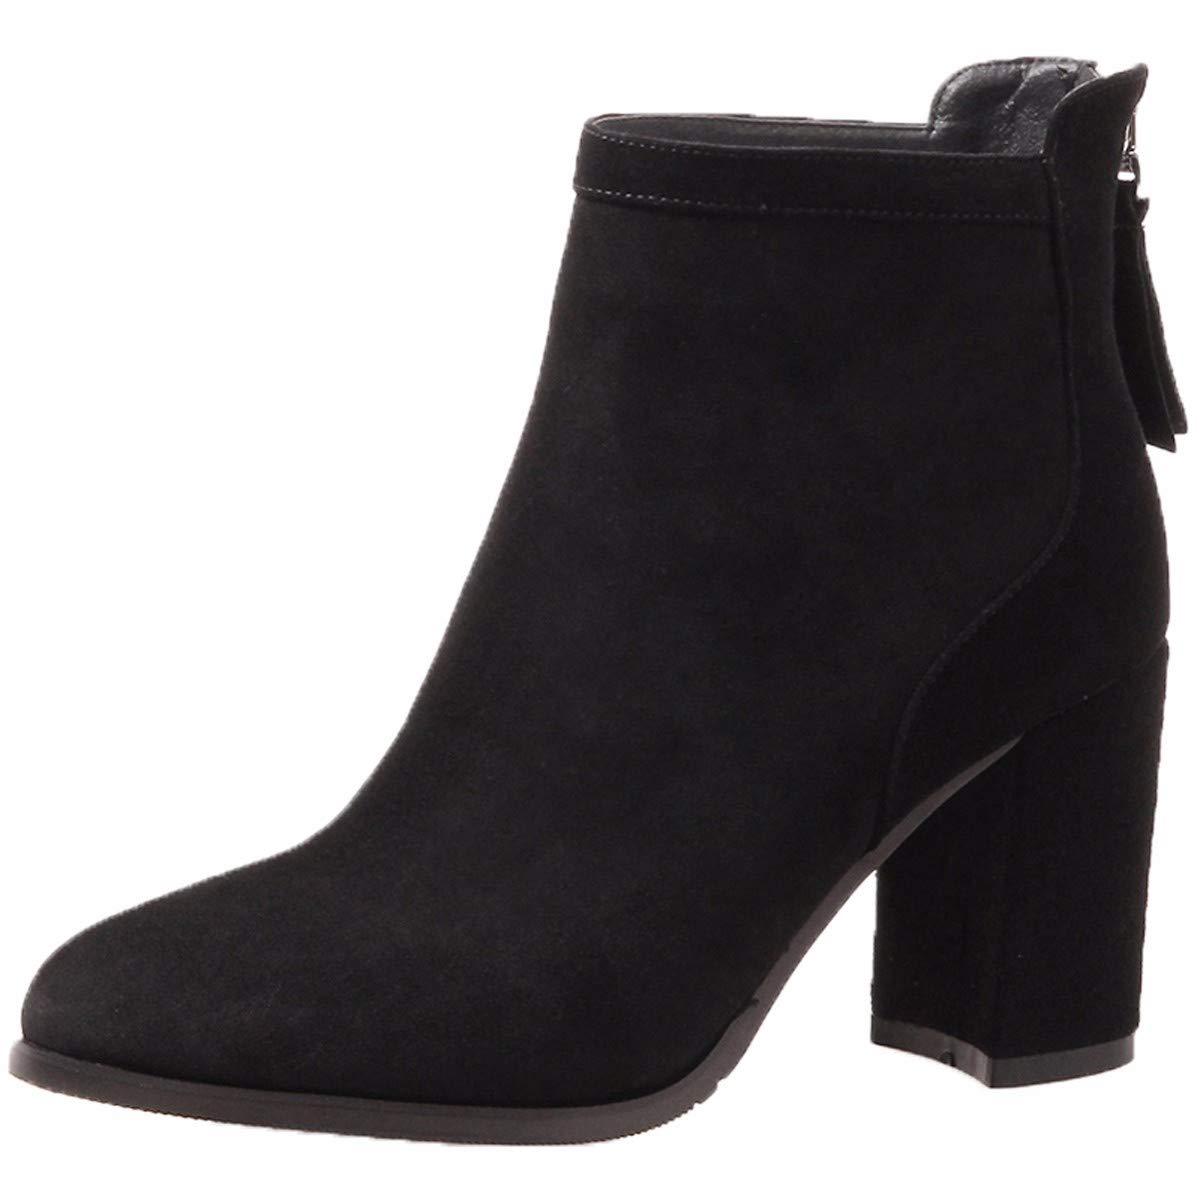 HBDLH Damenschuhe Kurze Stiefel, Hohe Stiefel, Martin Stiefel und 6 cm, Nackt, Stiefel, und Im Herbst Stiefel.